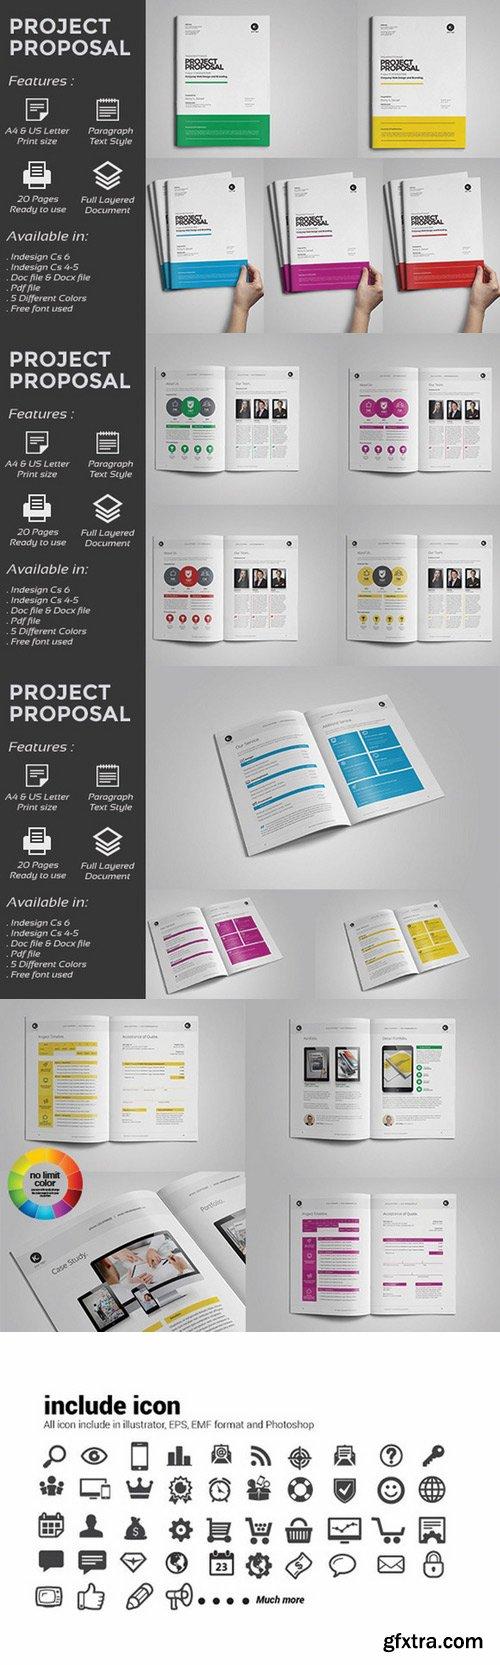 CM - Web Design Proposal 333905